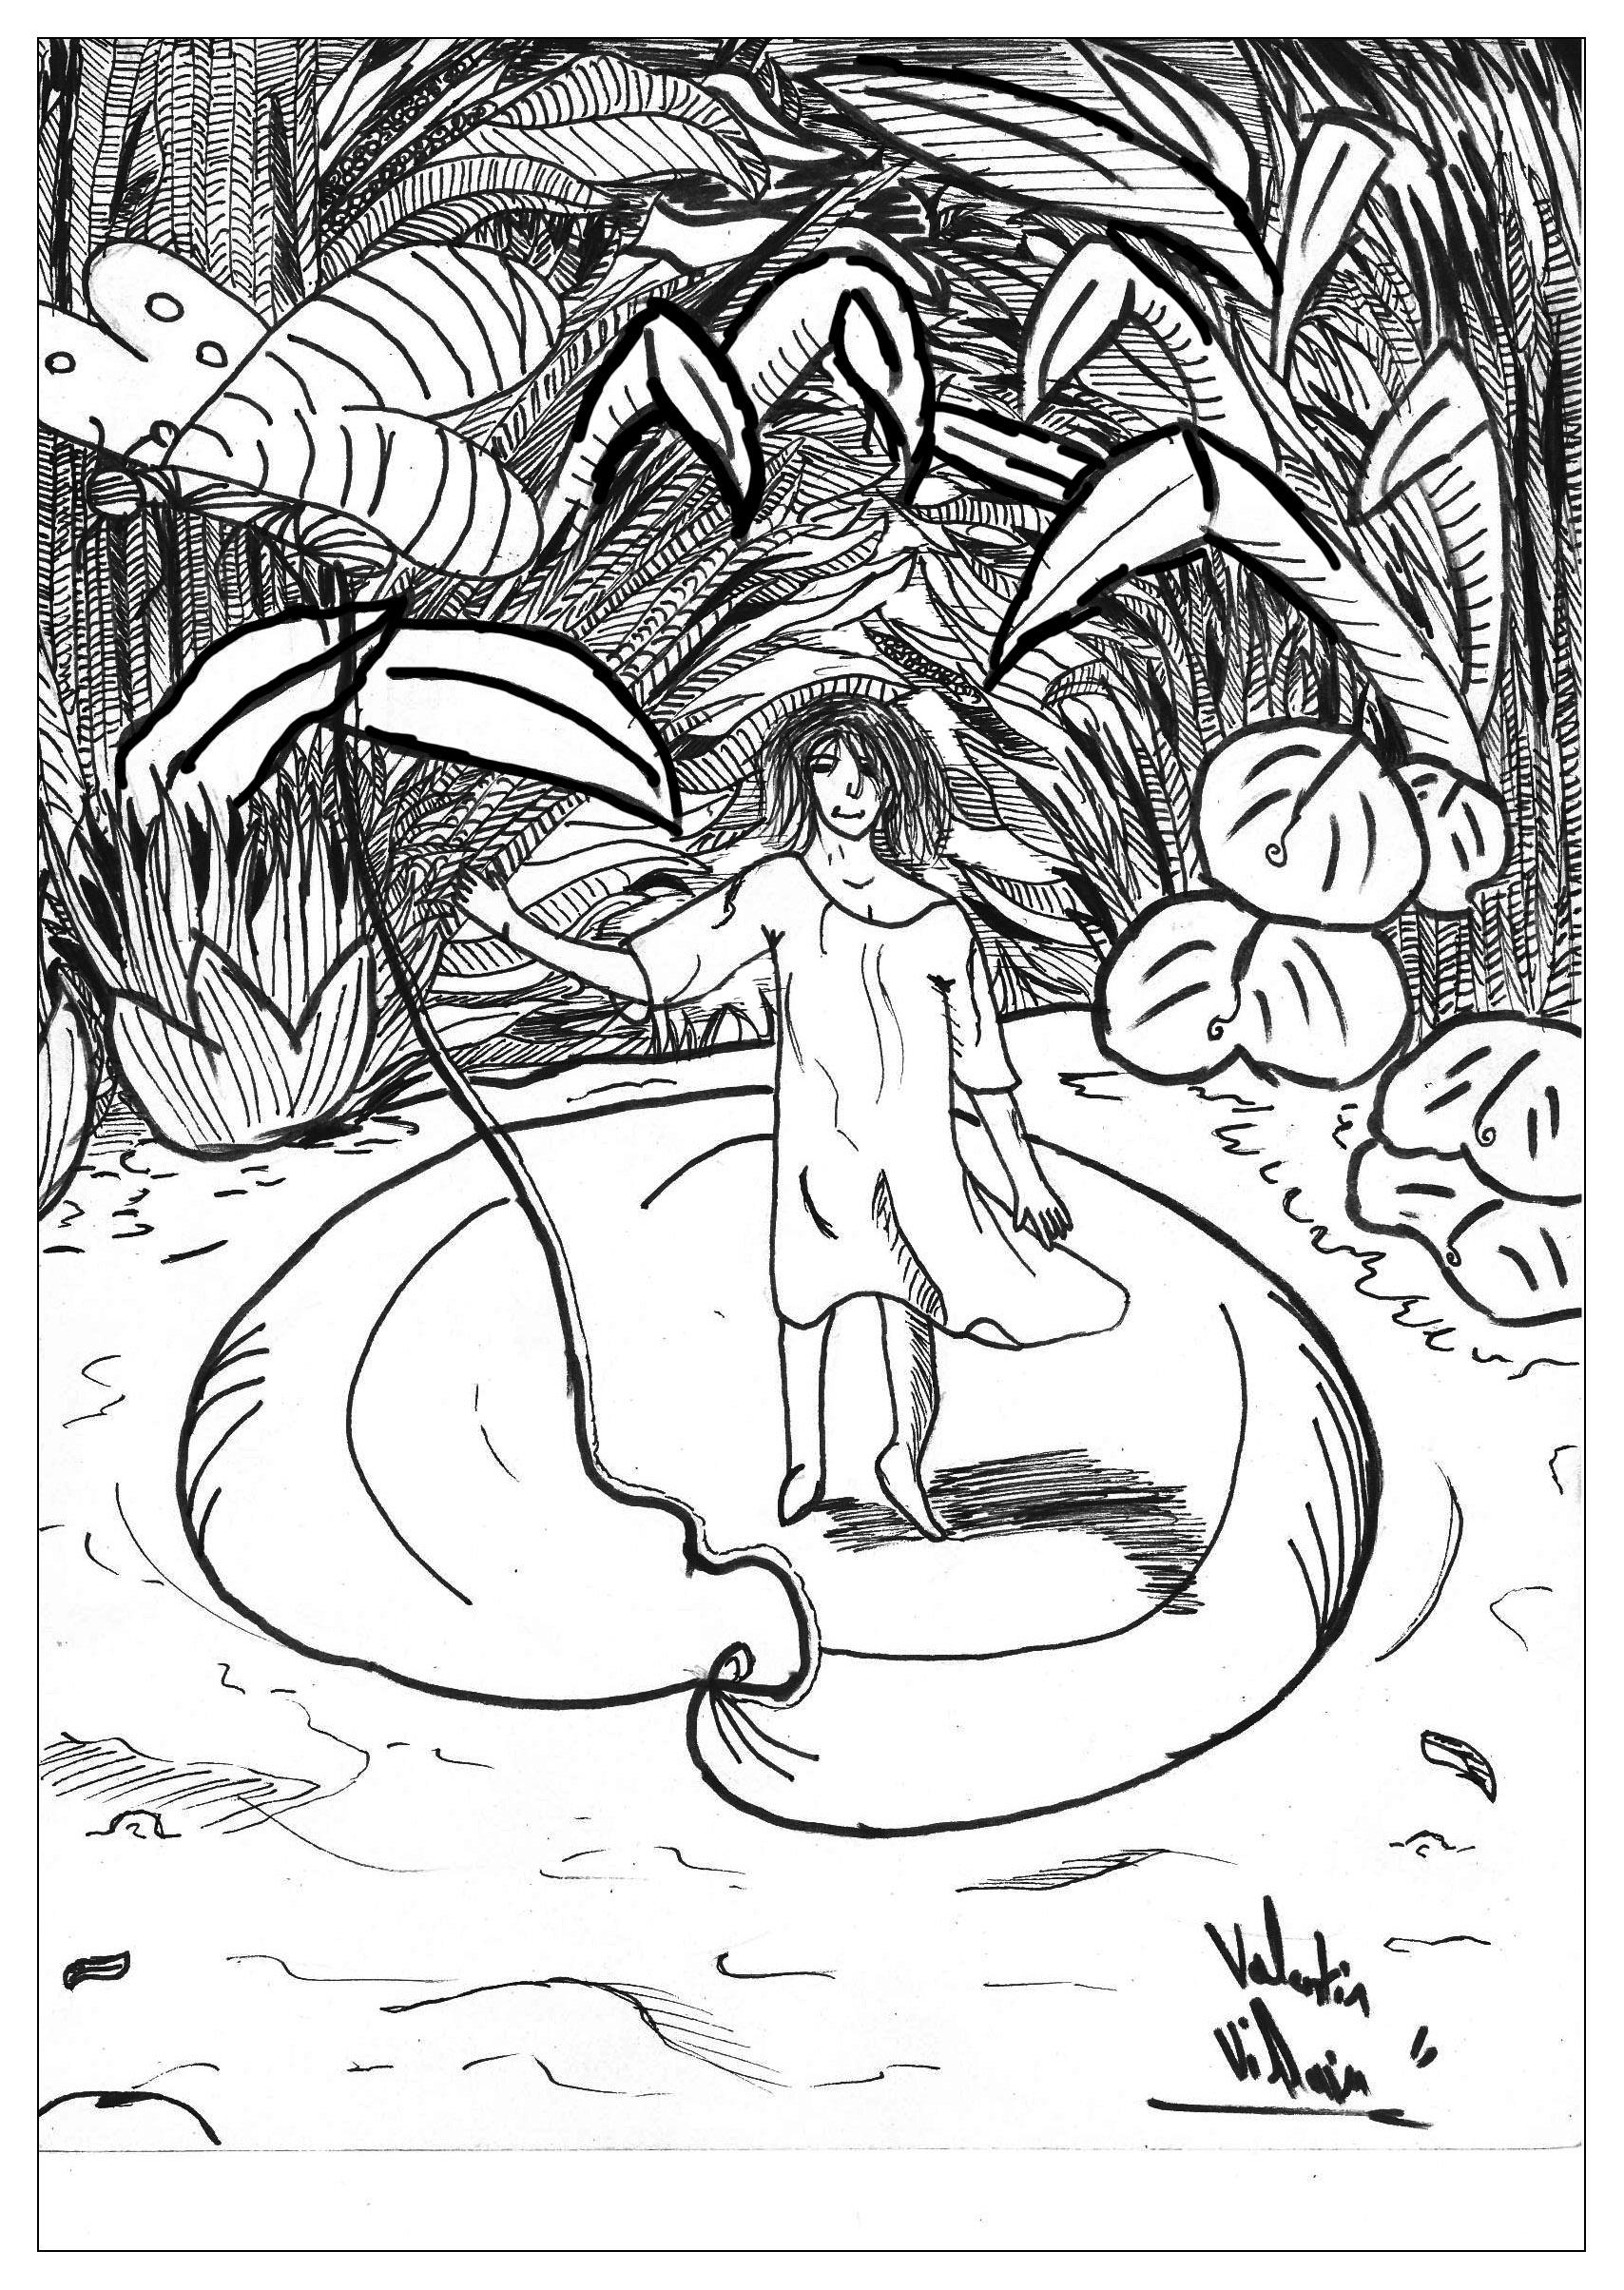 Interprétation originale du conte 'Petite Poucette', par Valentin